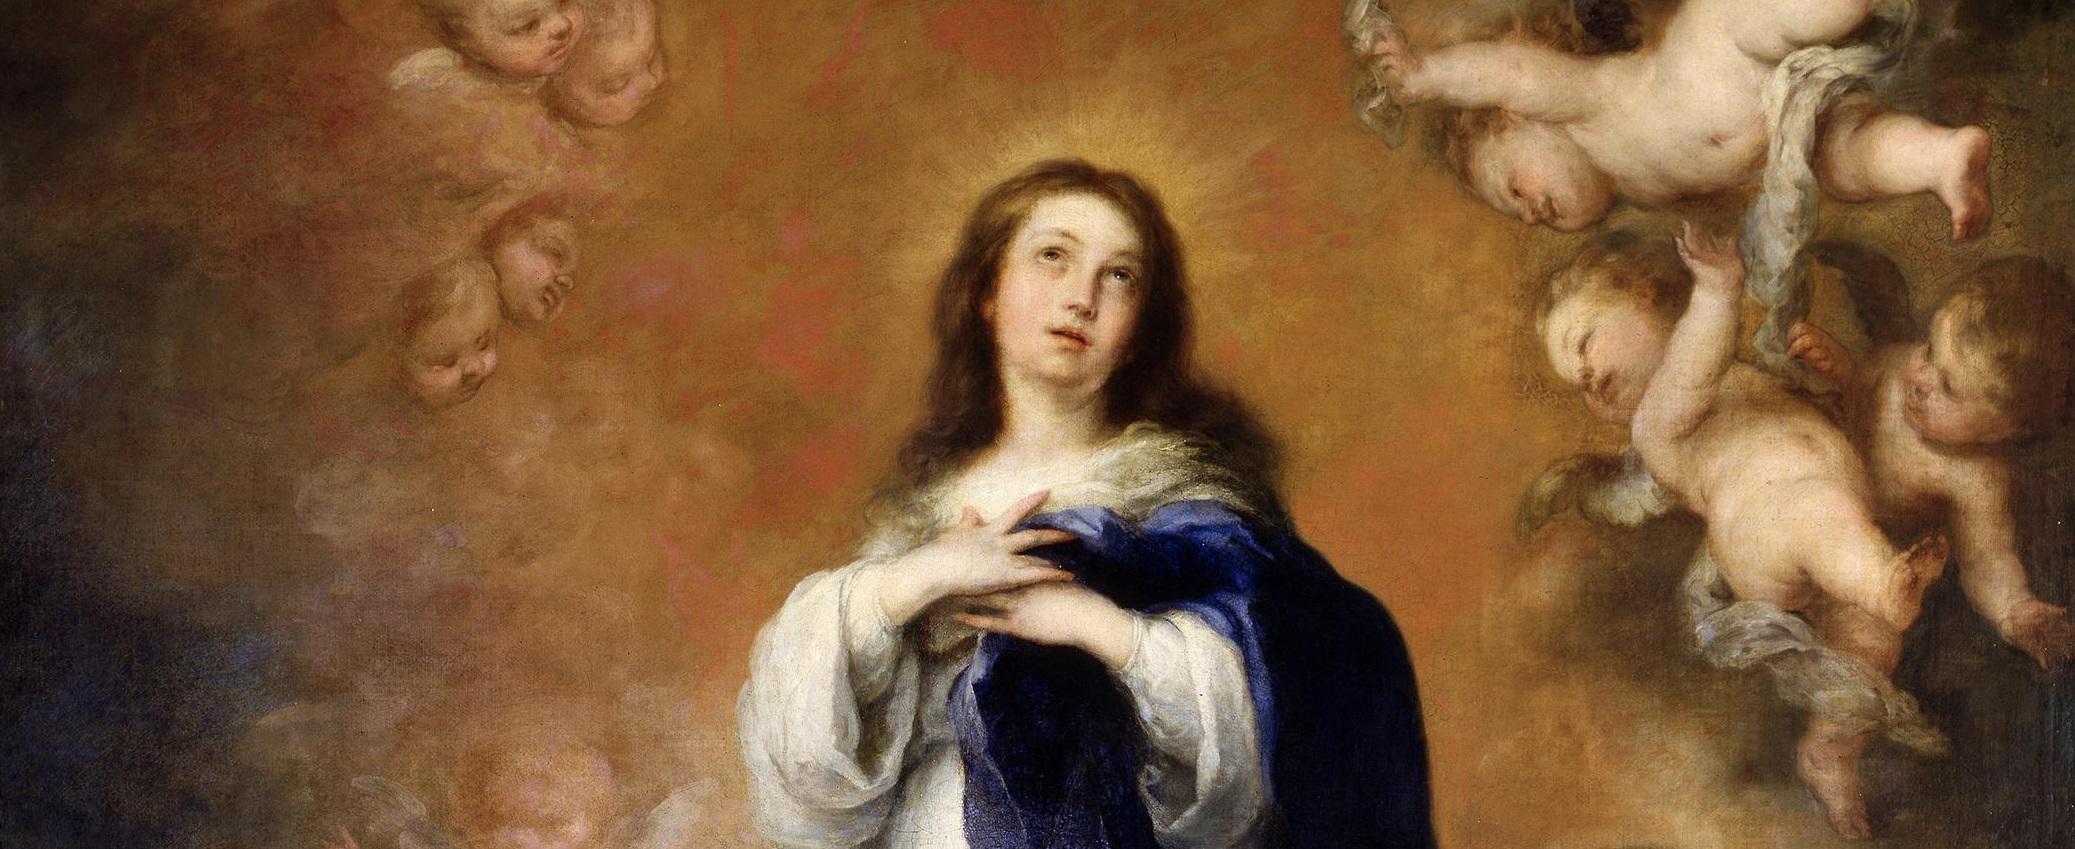 Murillo-Immacolata-concezione-dei-Venerabili-1679-olio-su-tela-270-x-190-cm-part.-Madrid-Museo-Nacional-del-Prado.